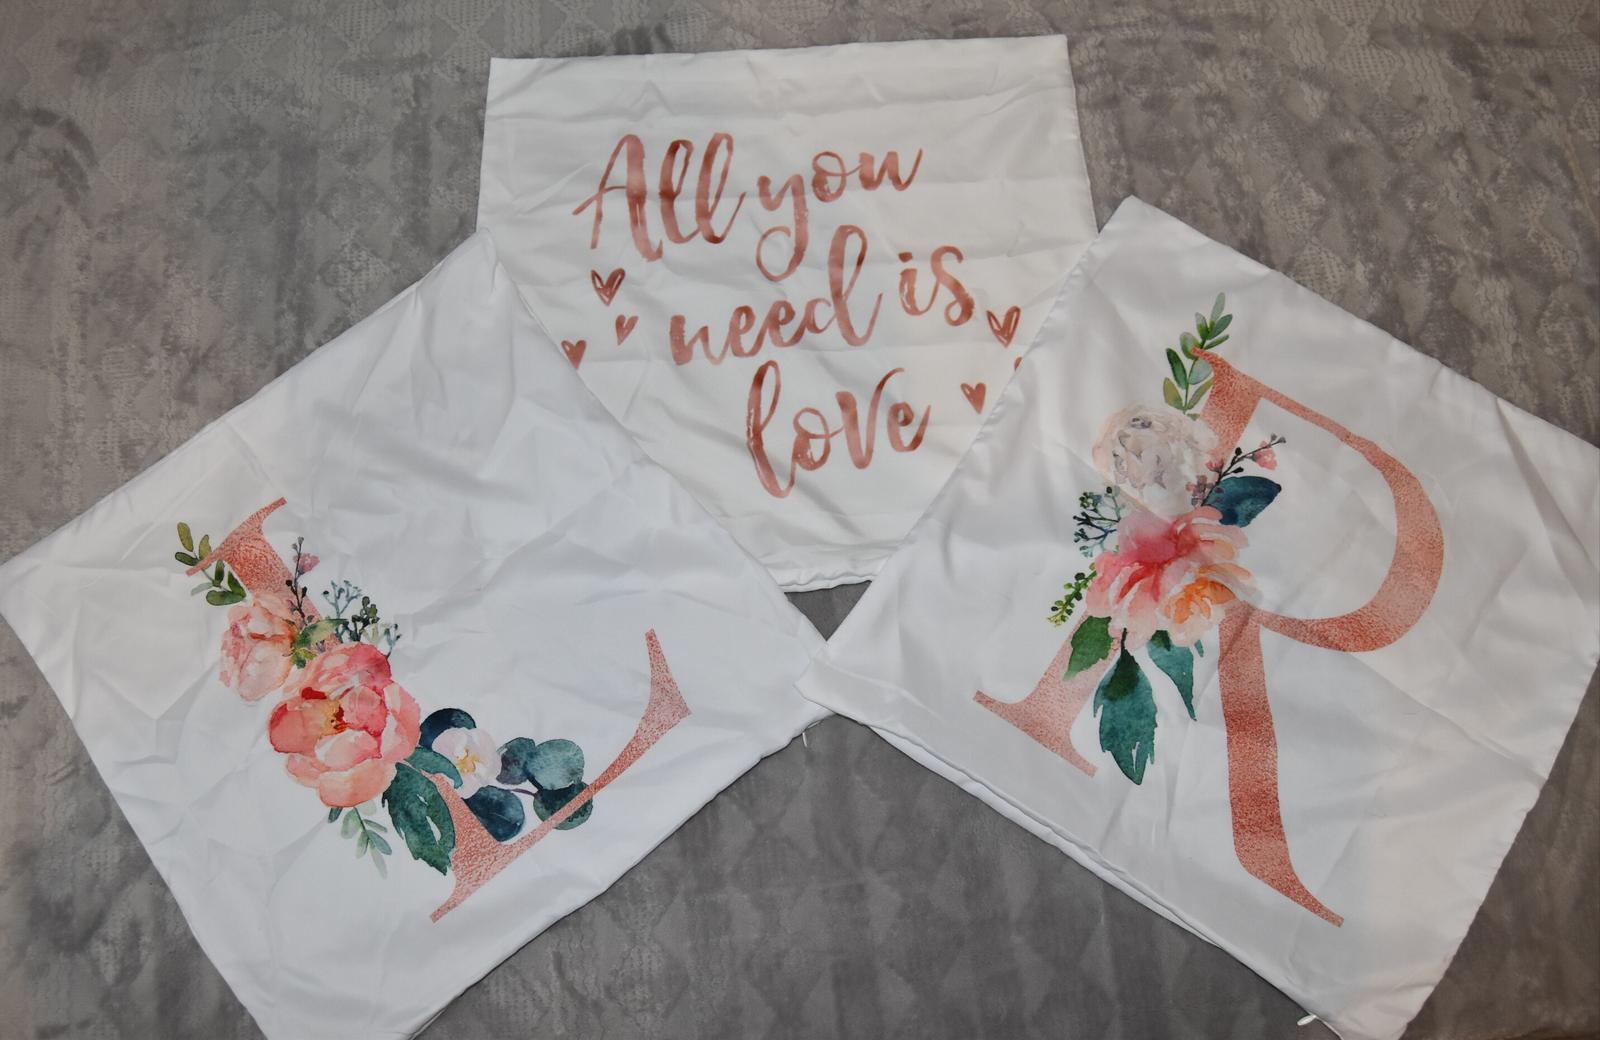 Wedding Time - obliečky na vankúše z Alliexpressu, ktoré budú na kreslách vonku na terase :)